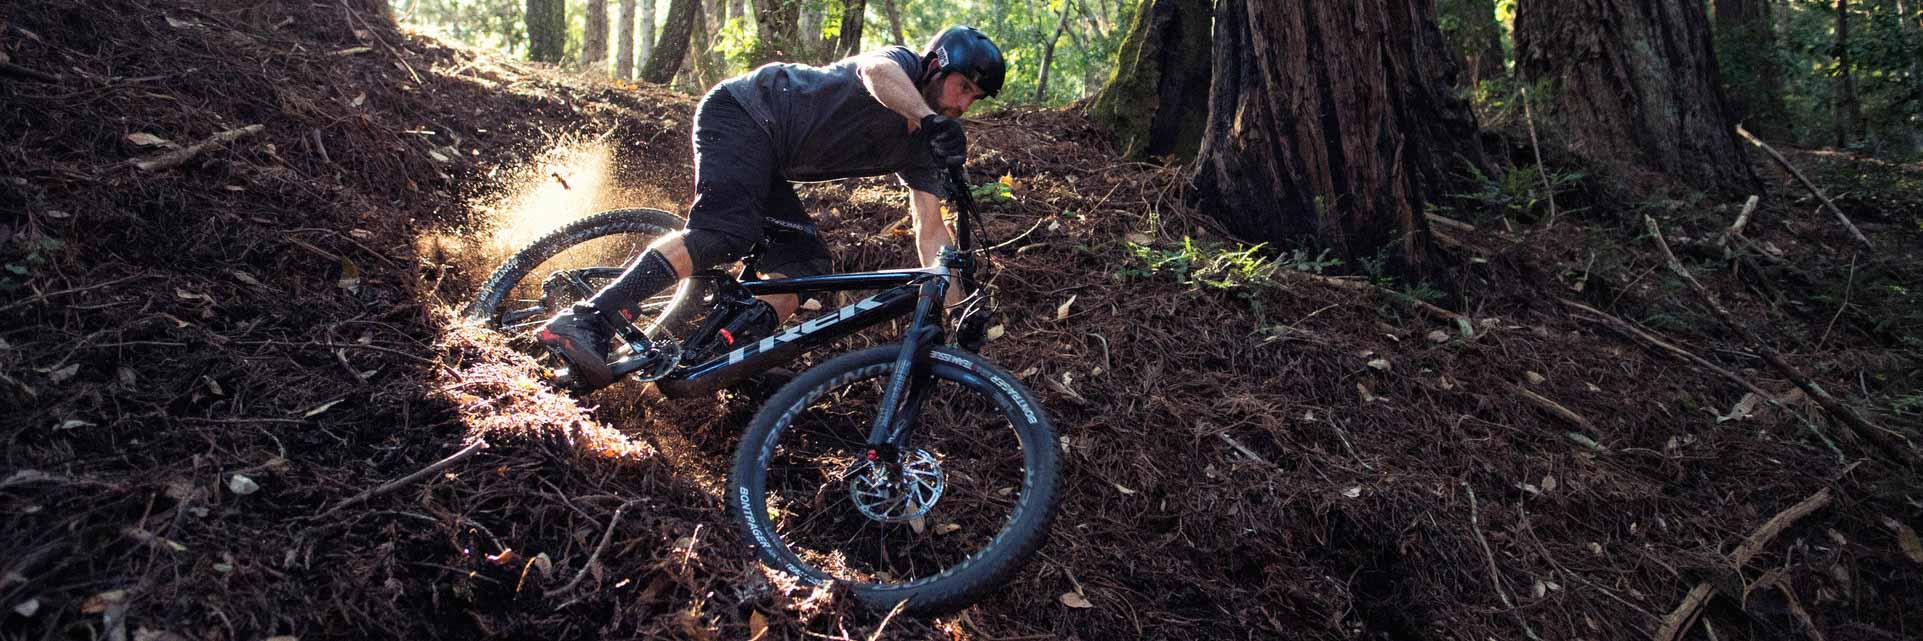 Mountain Bikes - MTB - Portland